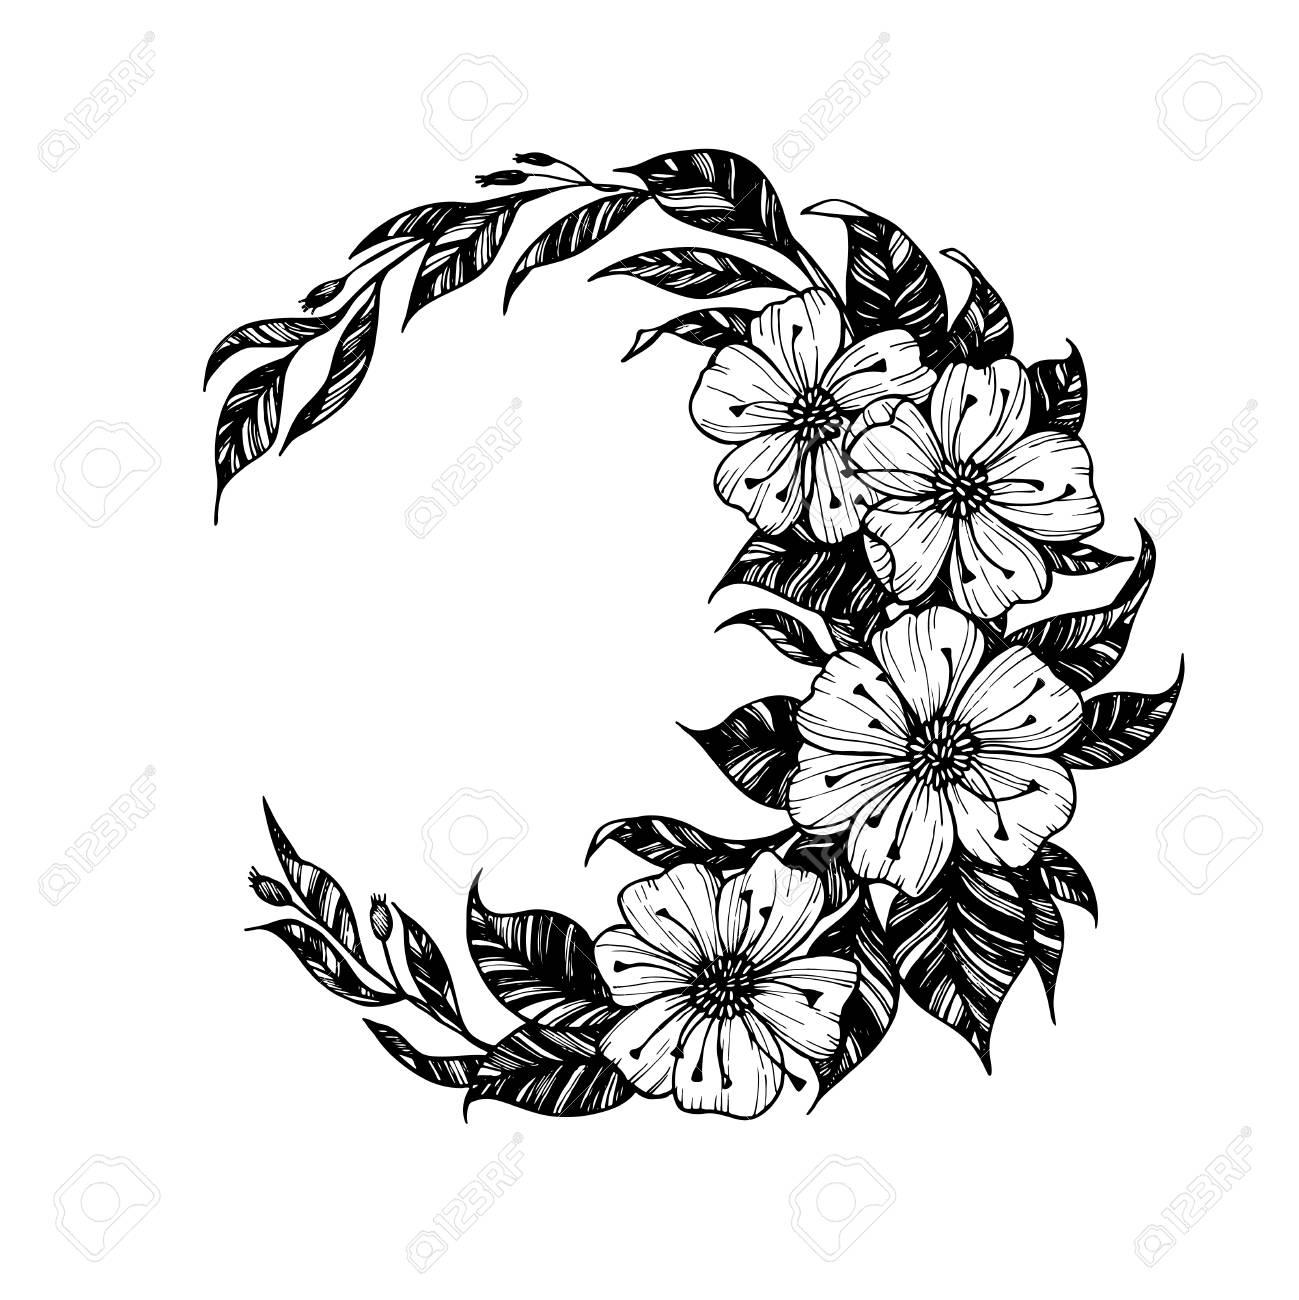 Ilustración De Dibujado A Mano Signo De La Luna Con Flores Y Hojas